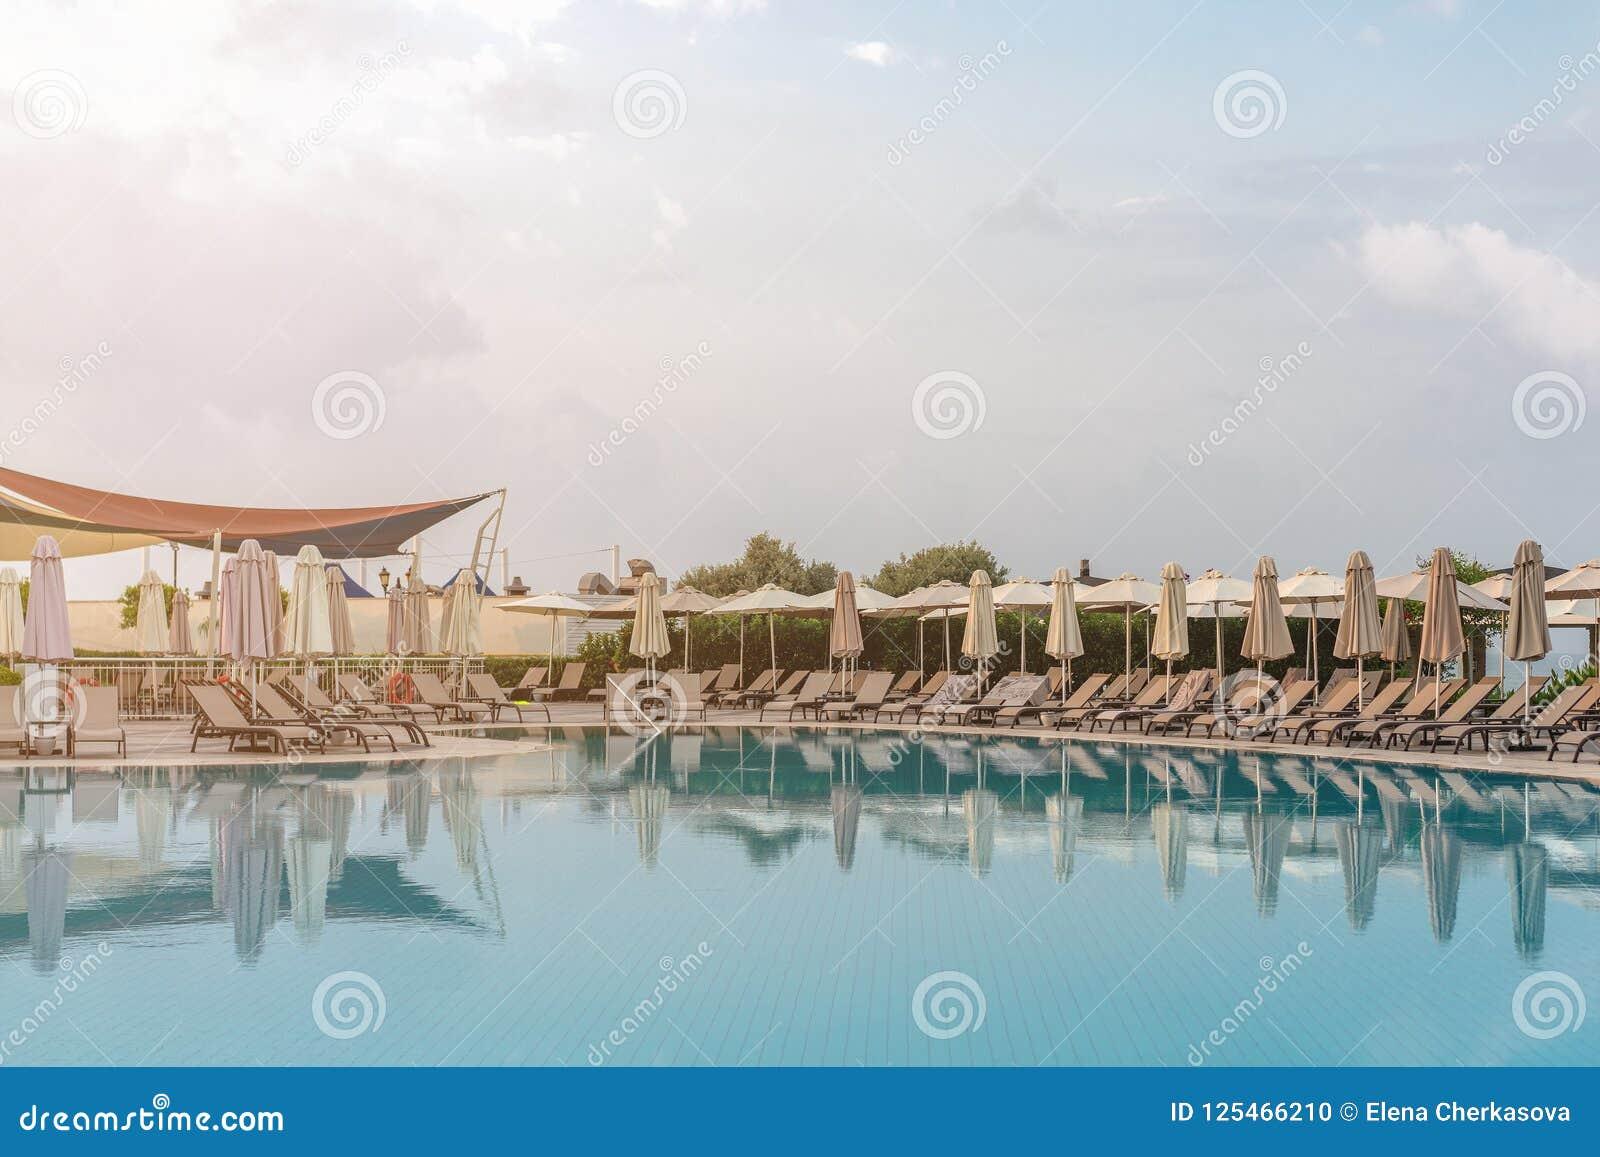 Schöner Swimmingpool im tropischen Erholungsort, Morgen, Abend, Sonnenaufgang, Sonnenuntergang